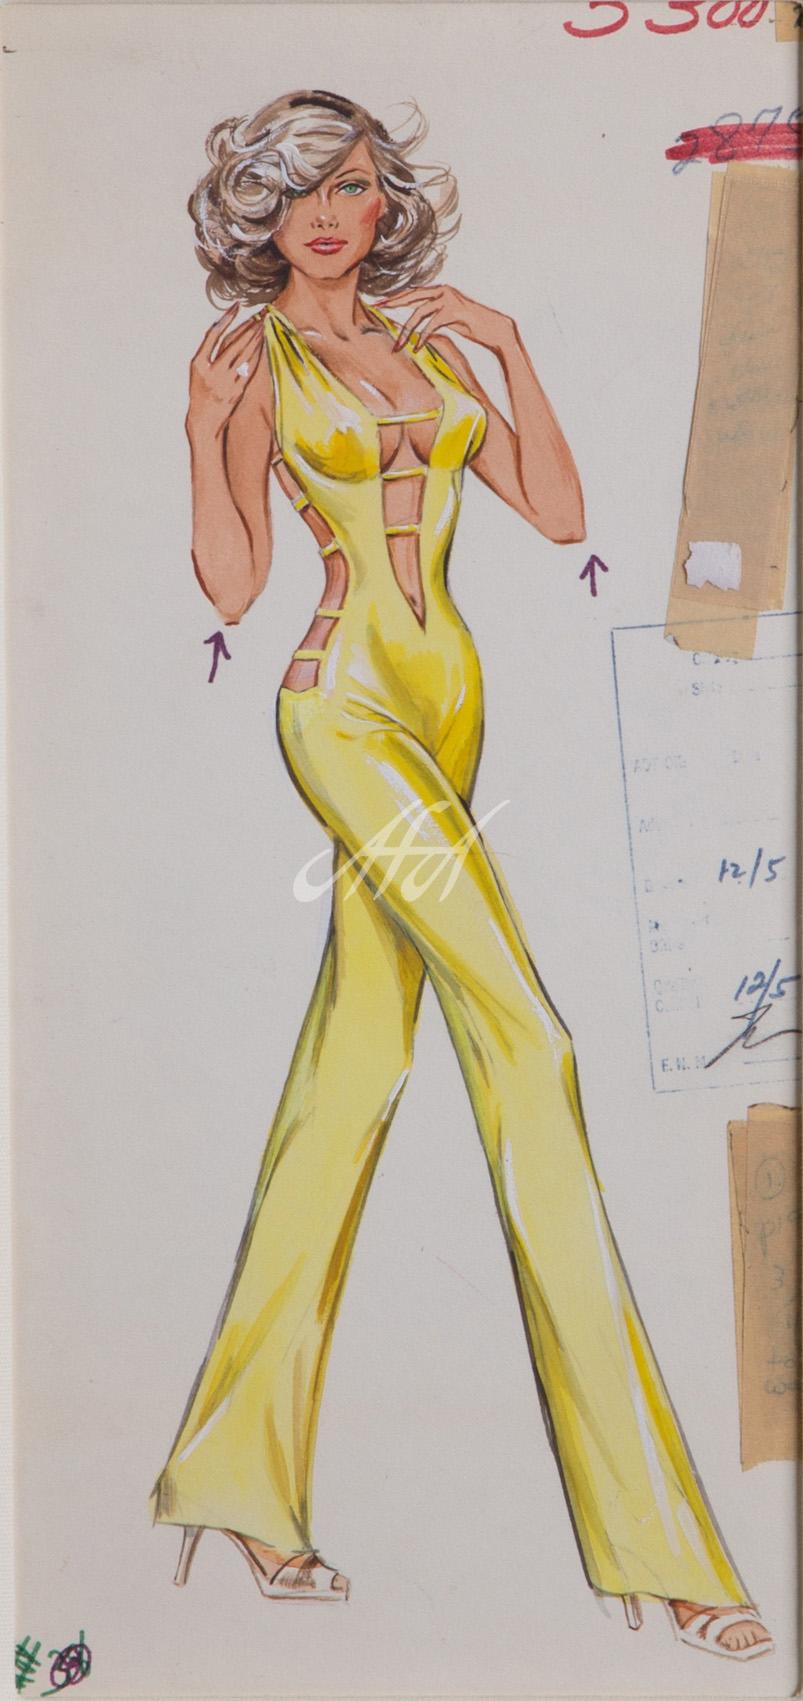 HCFM_Mellinger_mm9945_yellowsuit_framed LoRes watermark.jpg